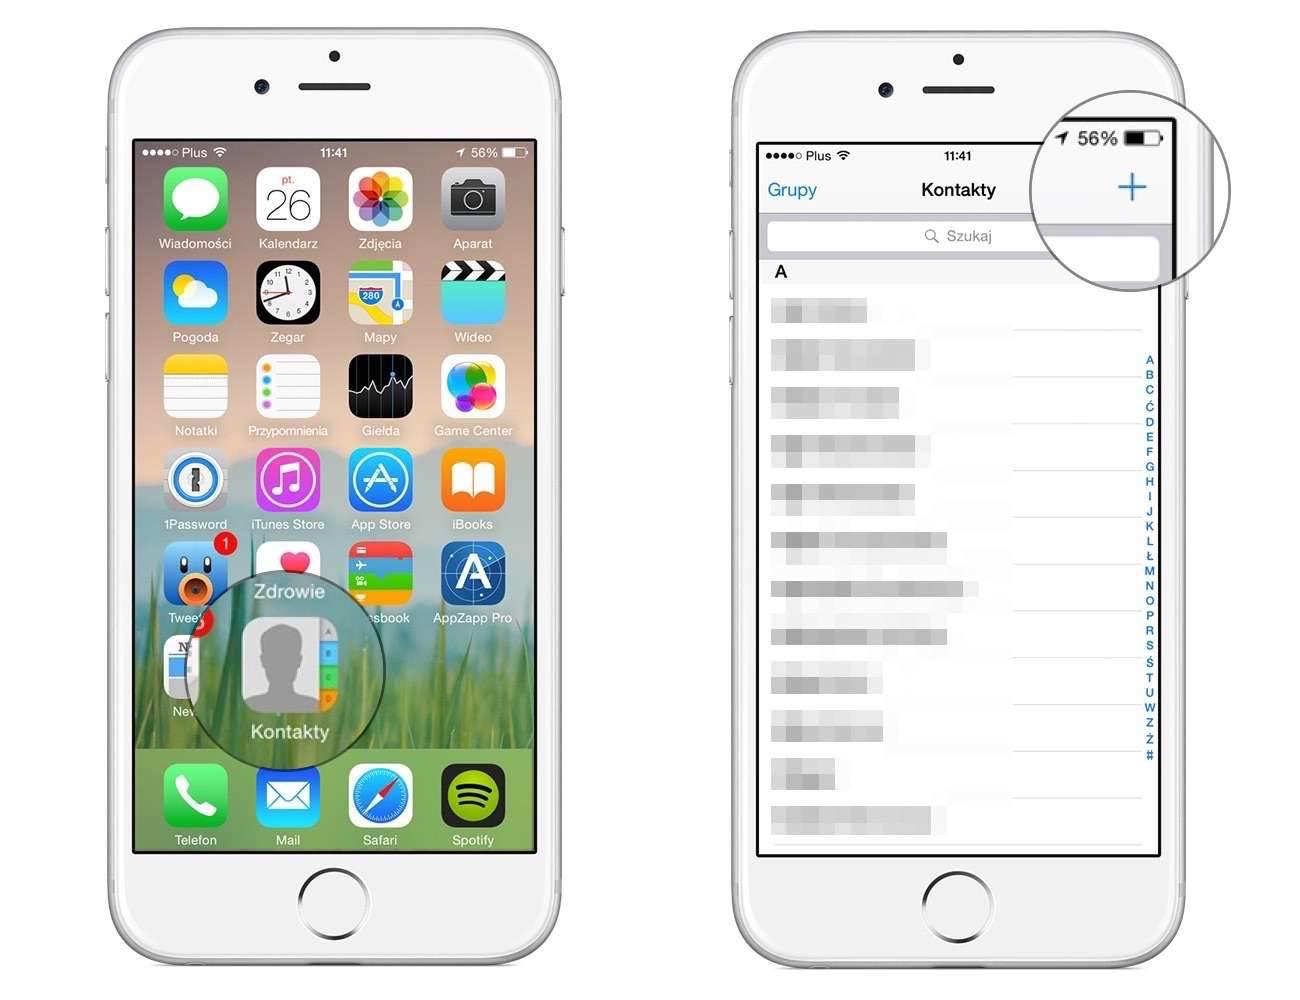 iOS dla początkujących #5 - zarządzanie i dodawanie kontaktów poradniki, polecane zarządzanie i dodawanie kontaktów, Poradnik, jak importować z SIM w iPhone, jak edytować kontakt w IPhone, jak dodać kontakt w iPhone, iPhone, iPad, iOS dla początkujących, iOS, import kontaktów z SIM iPhone, edycja kontaktu w iPhone, edycja kontaktów, dodatnie kontaktu w iPhone, Apple  Urządzenia mobilne Apple pozwalają na przechowywanie danych kontaktowych do znajomych i rodziny. Dzięki, nim szybciej wykonamy połączenie wychodzące, wyślemy smsa, czy e-maila.  Kont1